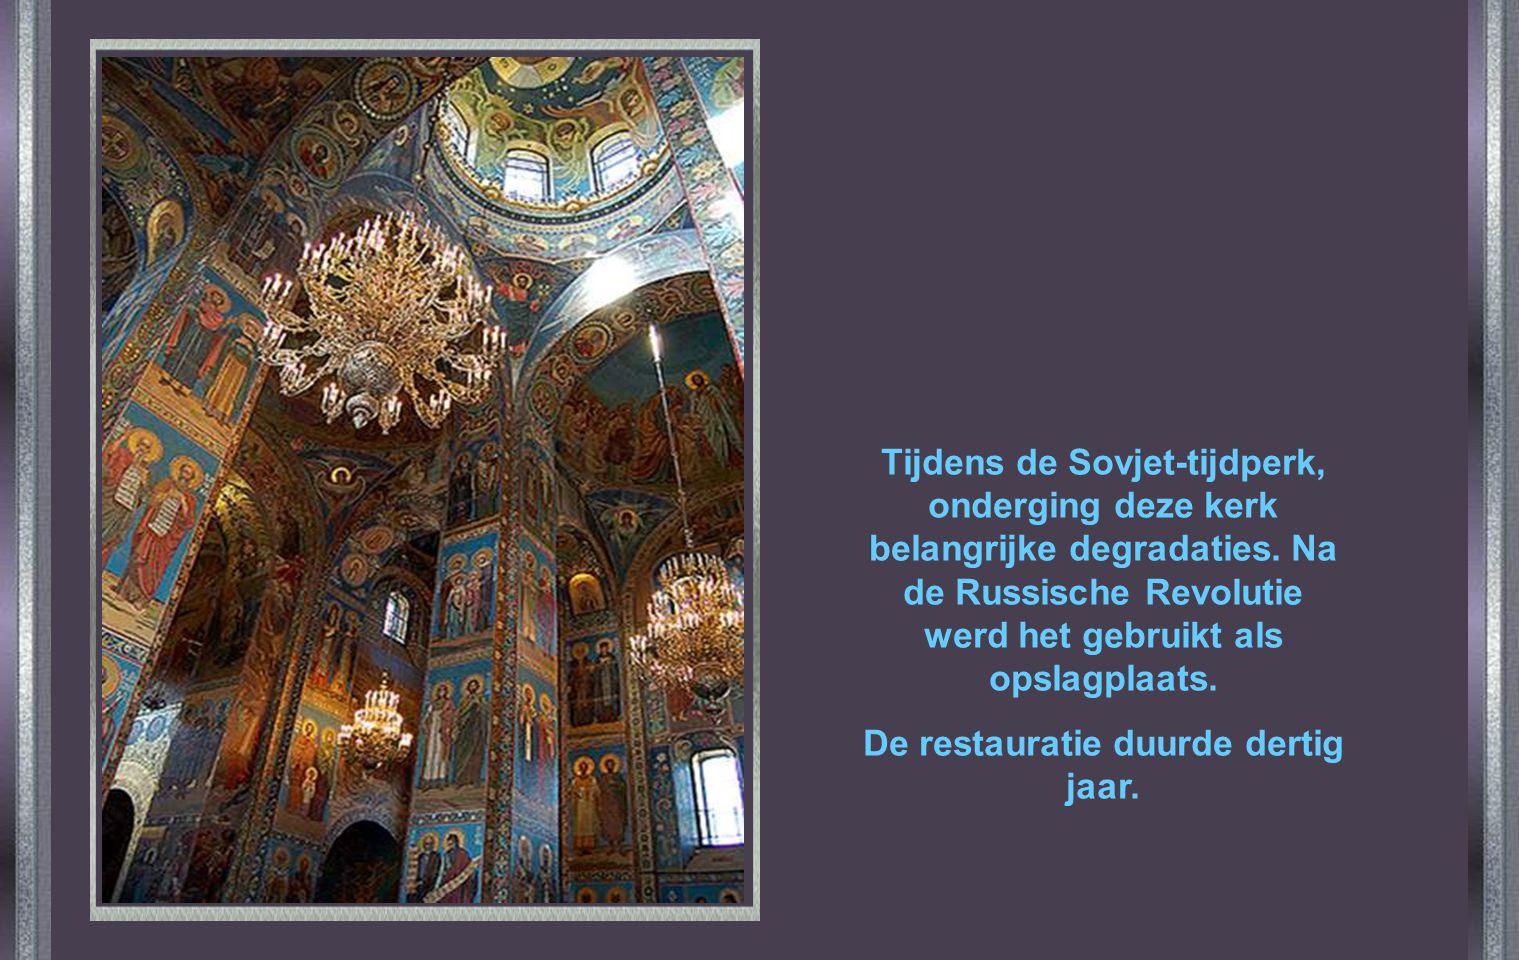 De restauratie duurde dertig jaar.